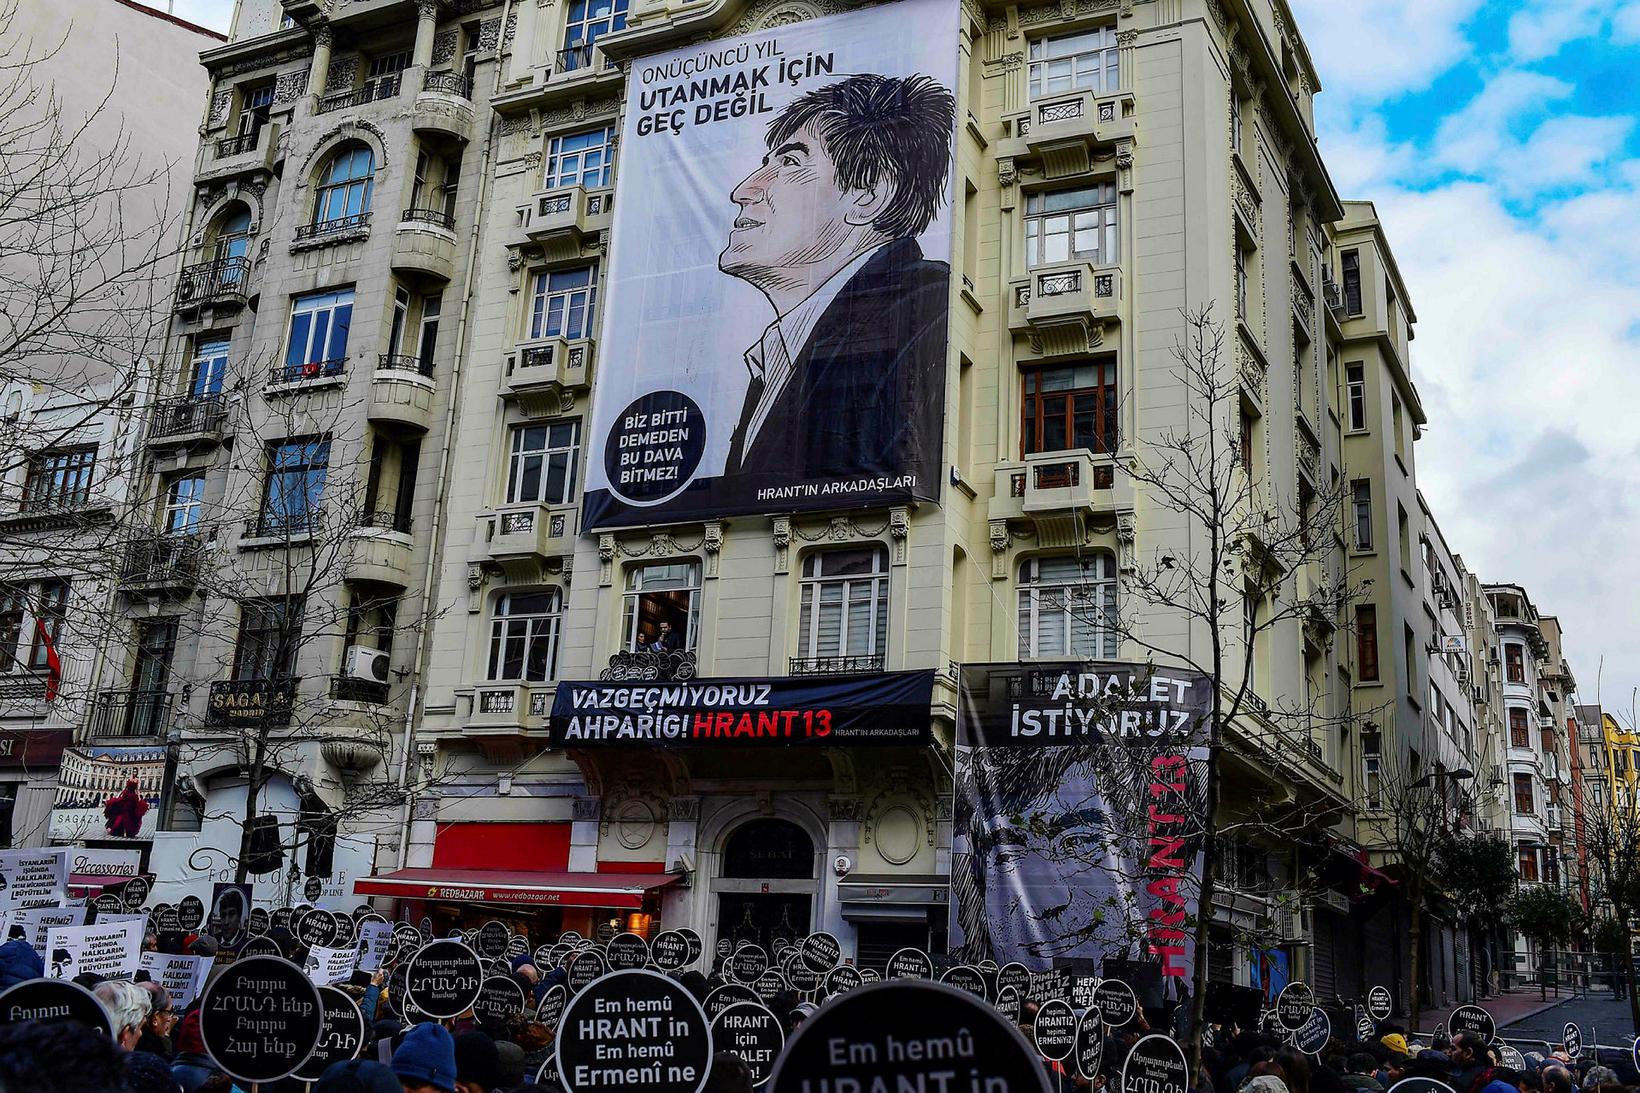 Stór mynd af Hrant Dink á íbúðarhúsi í Istanbúl.